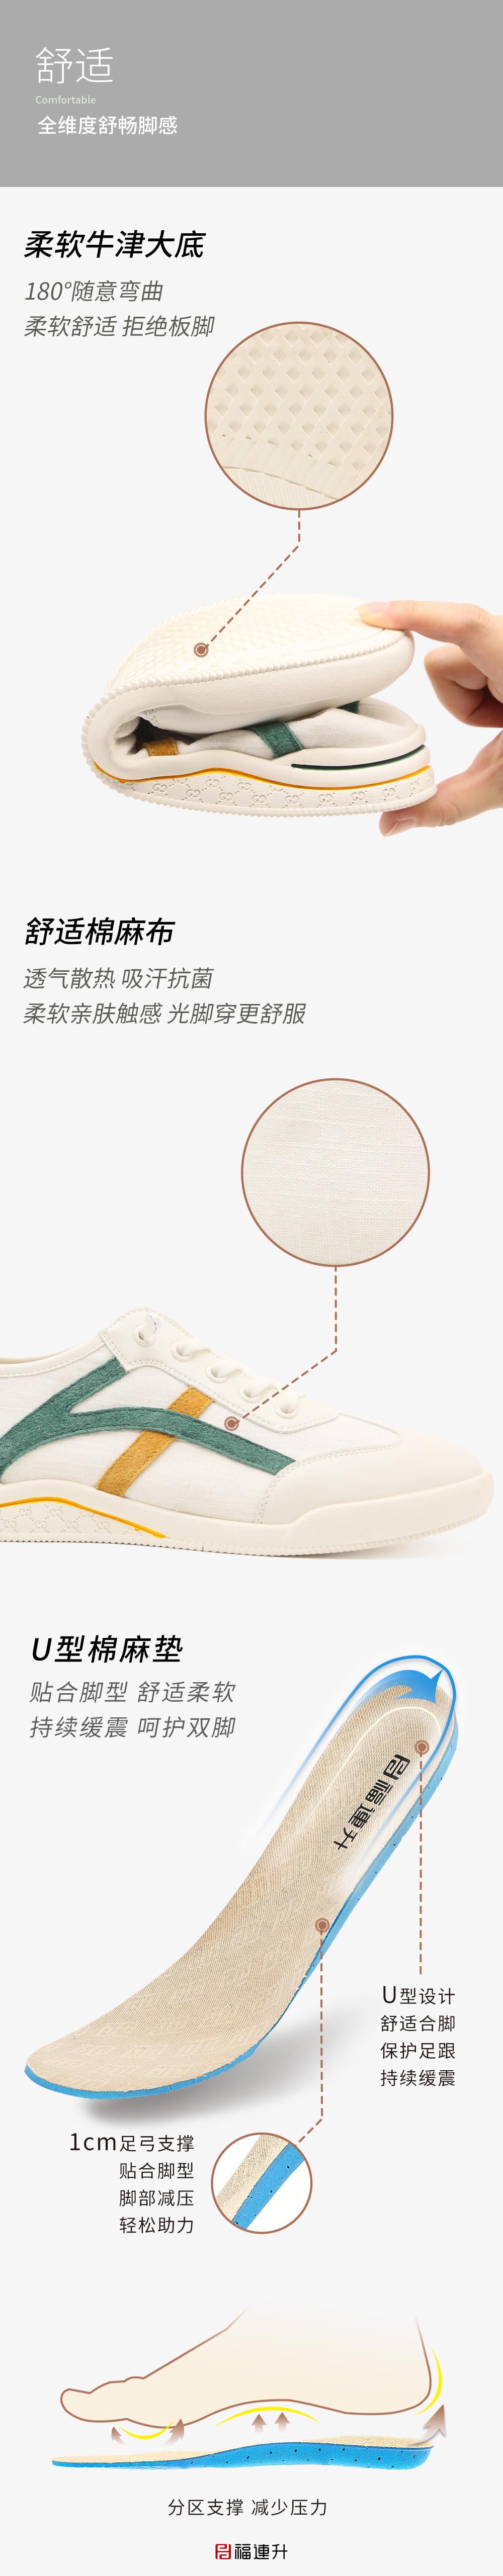 福连升小白鞋男鞋夏季 透气舒适软底休闲单鞋图片